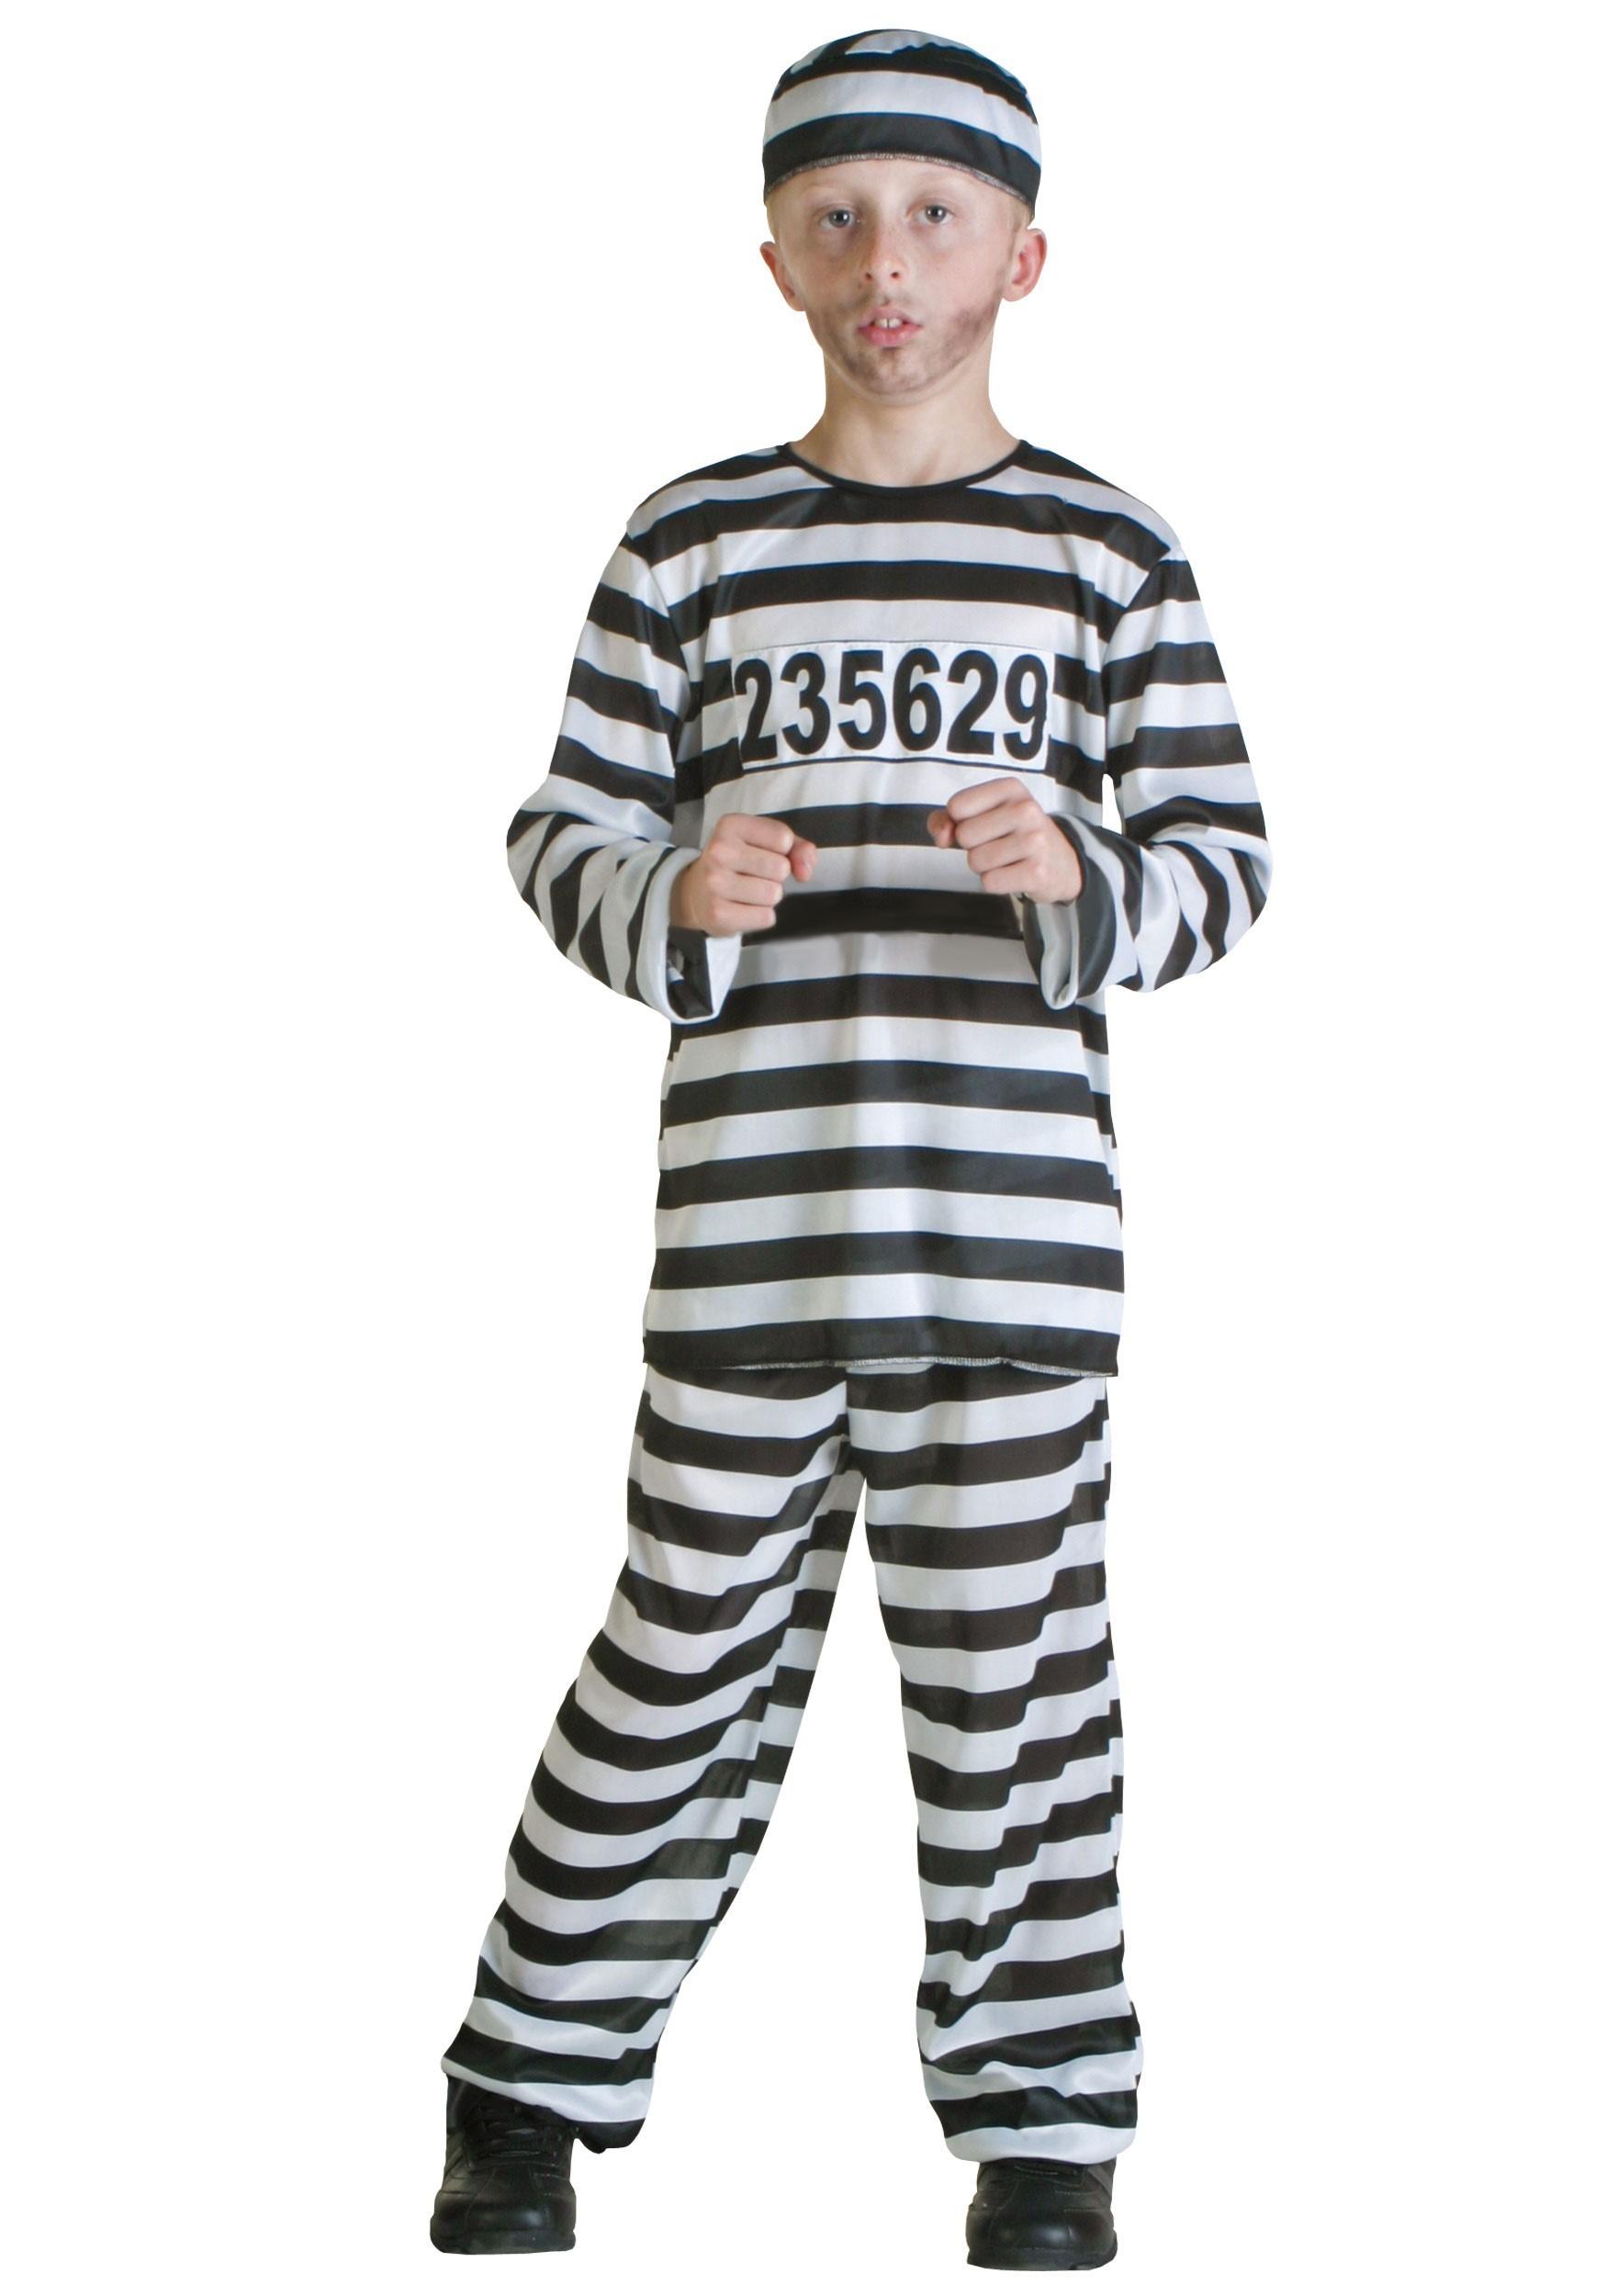 Prisoner Boys Costume